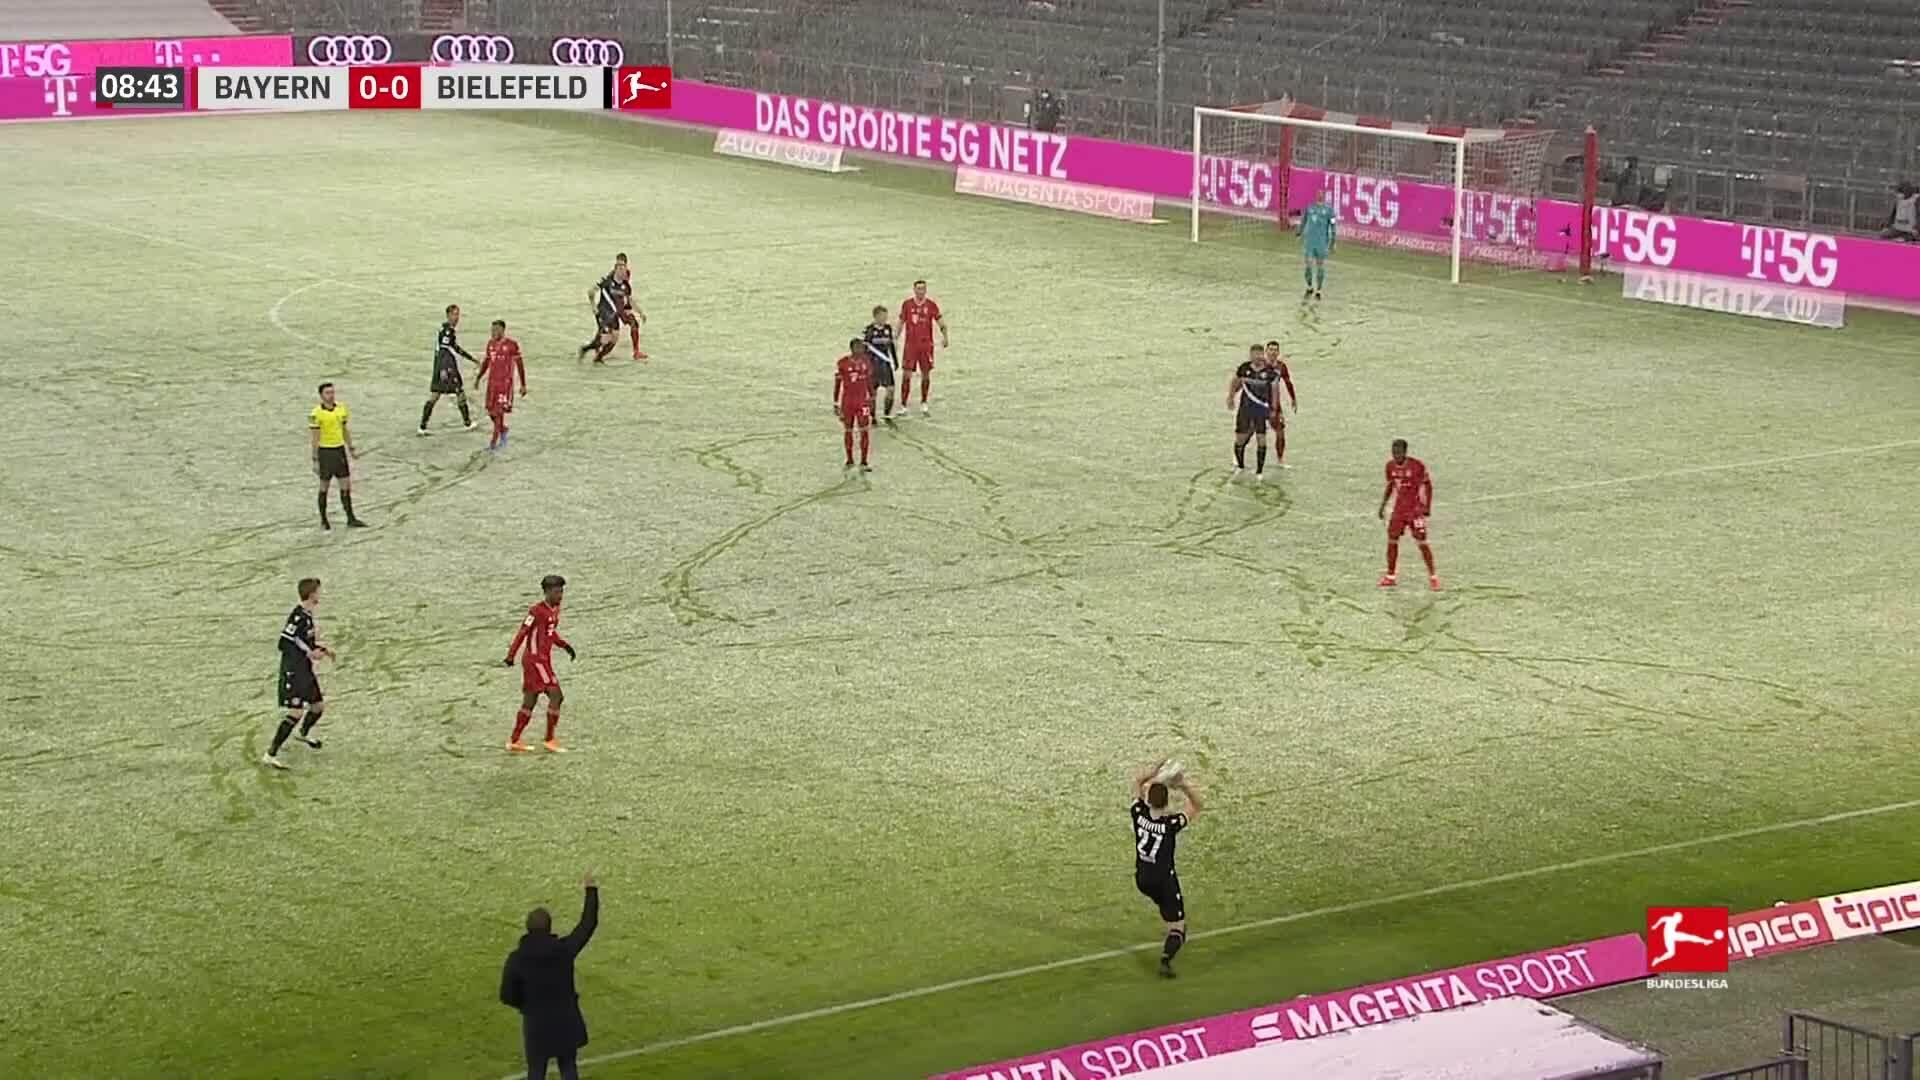 Bayern 3-3 Bielefeld